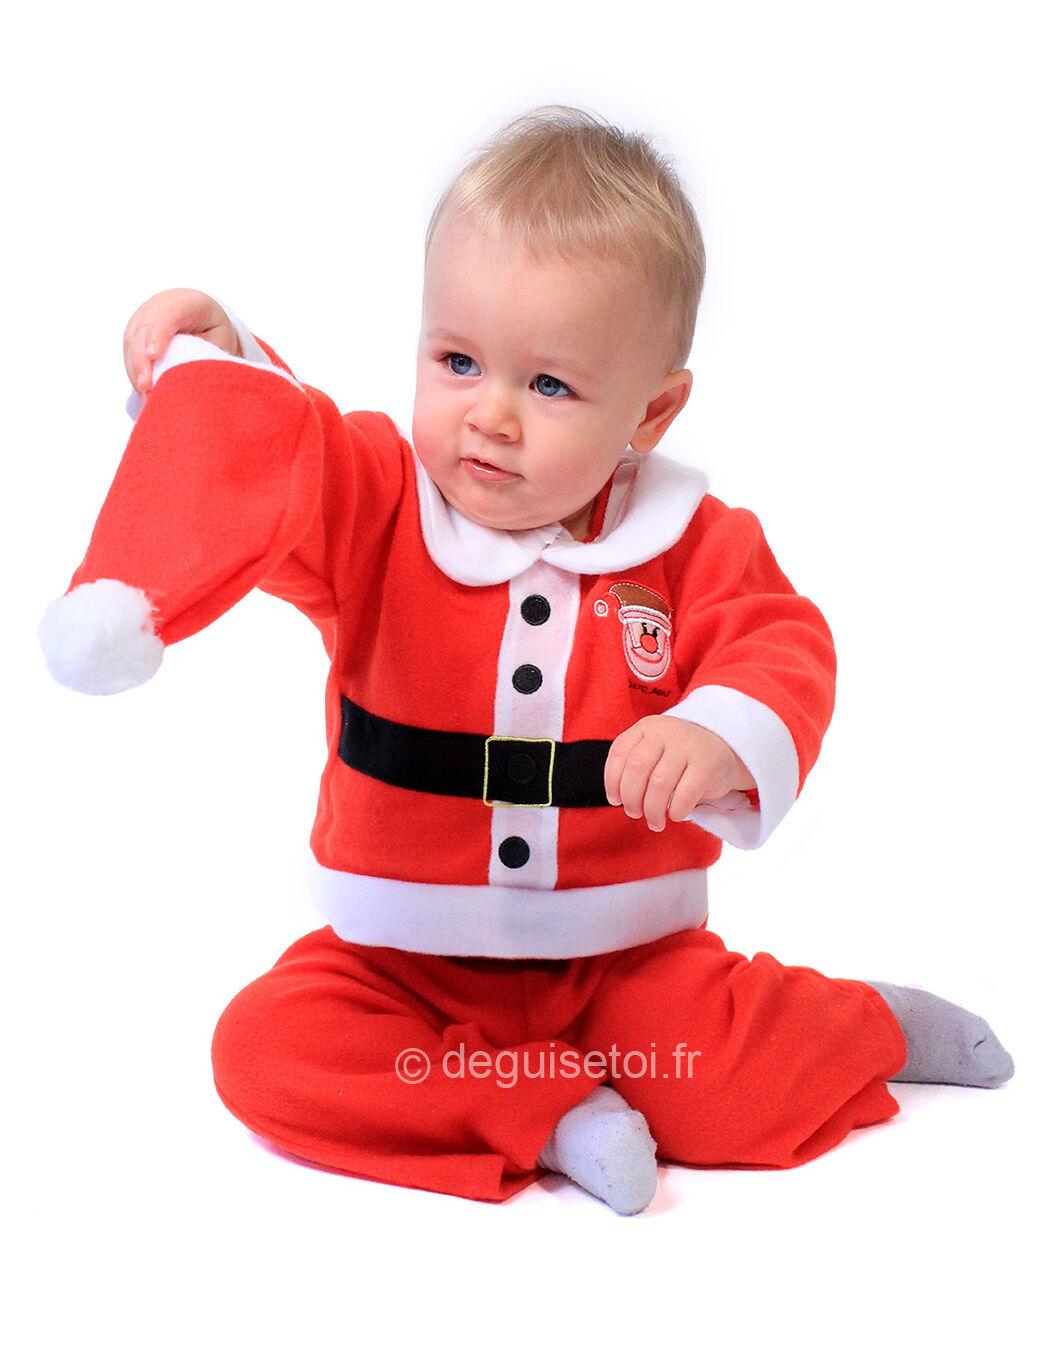 VegaooParty Déguisement Père Noël complet bébé - Taille: 12 mois